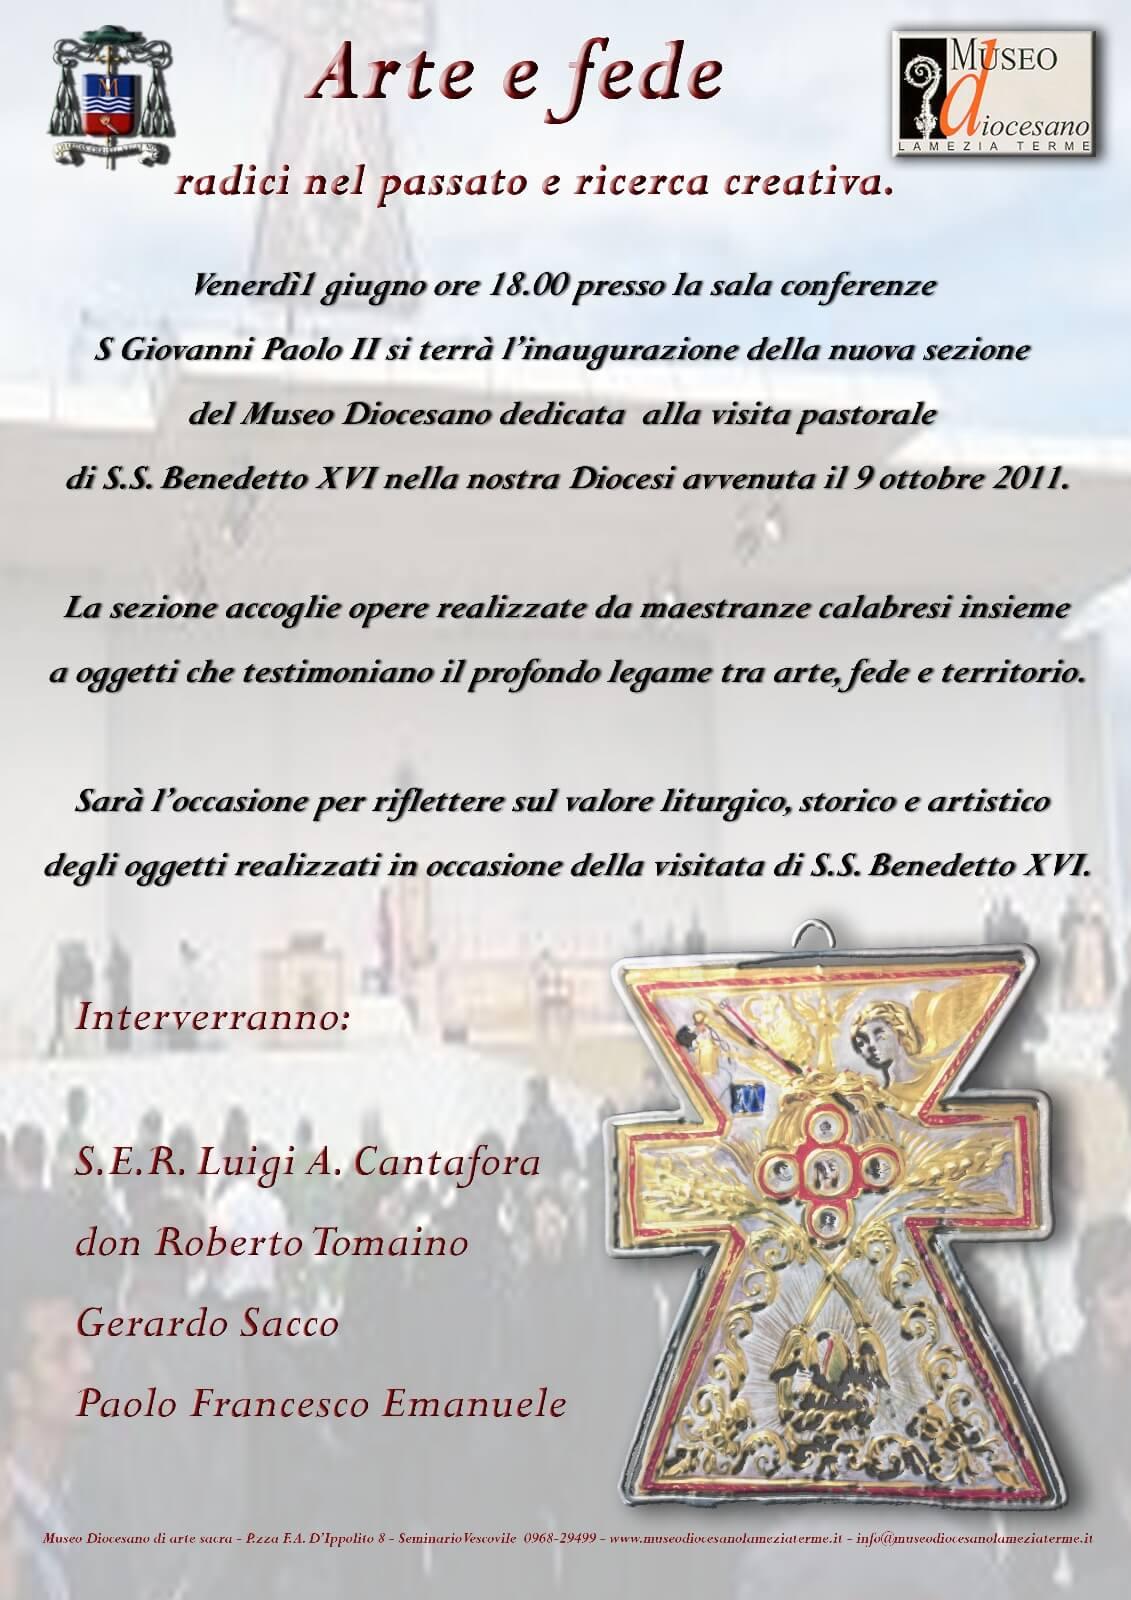 Lamezia. Inaugurazione nuova sezione Museo Diocesano dedicata a Visita Pastorale di Papa Benedetto XVI